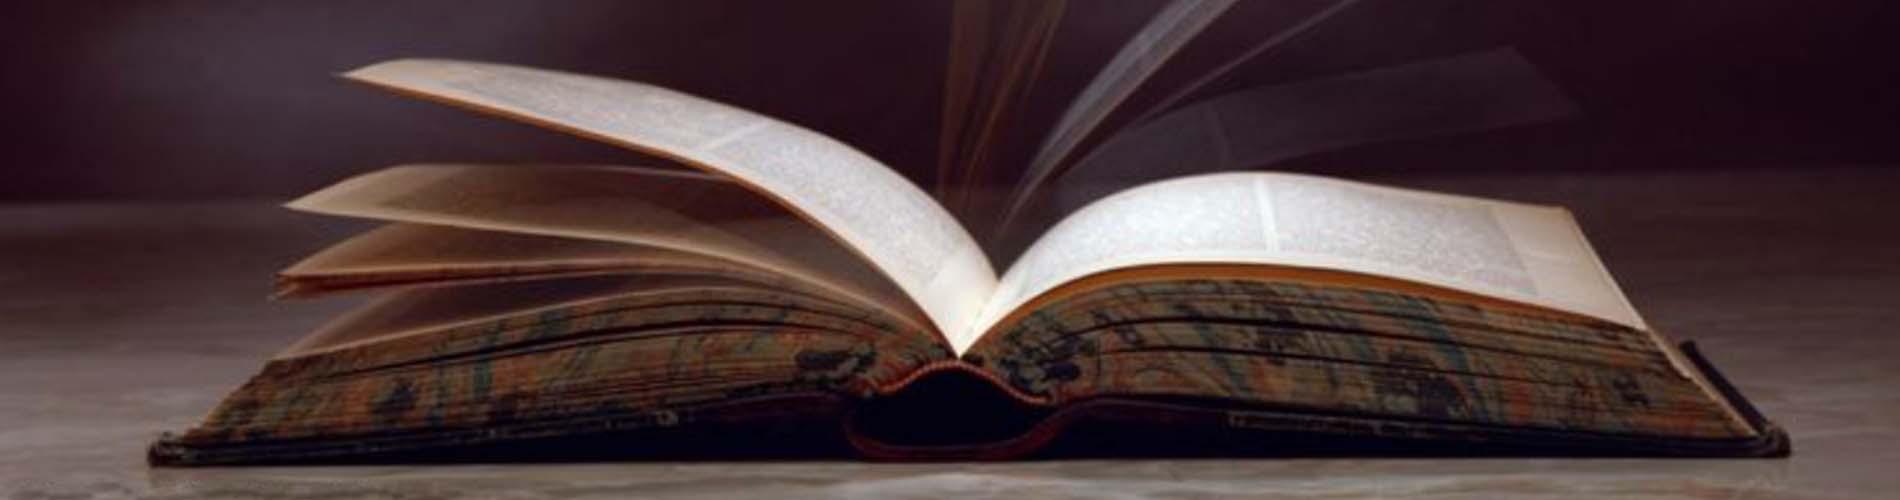 hughs book